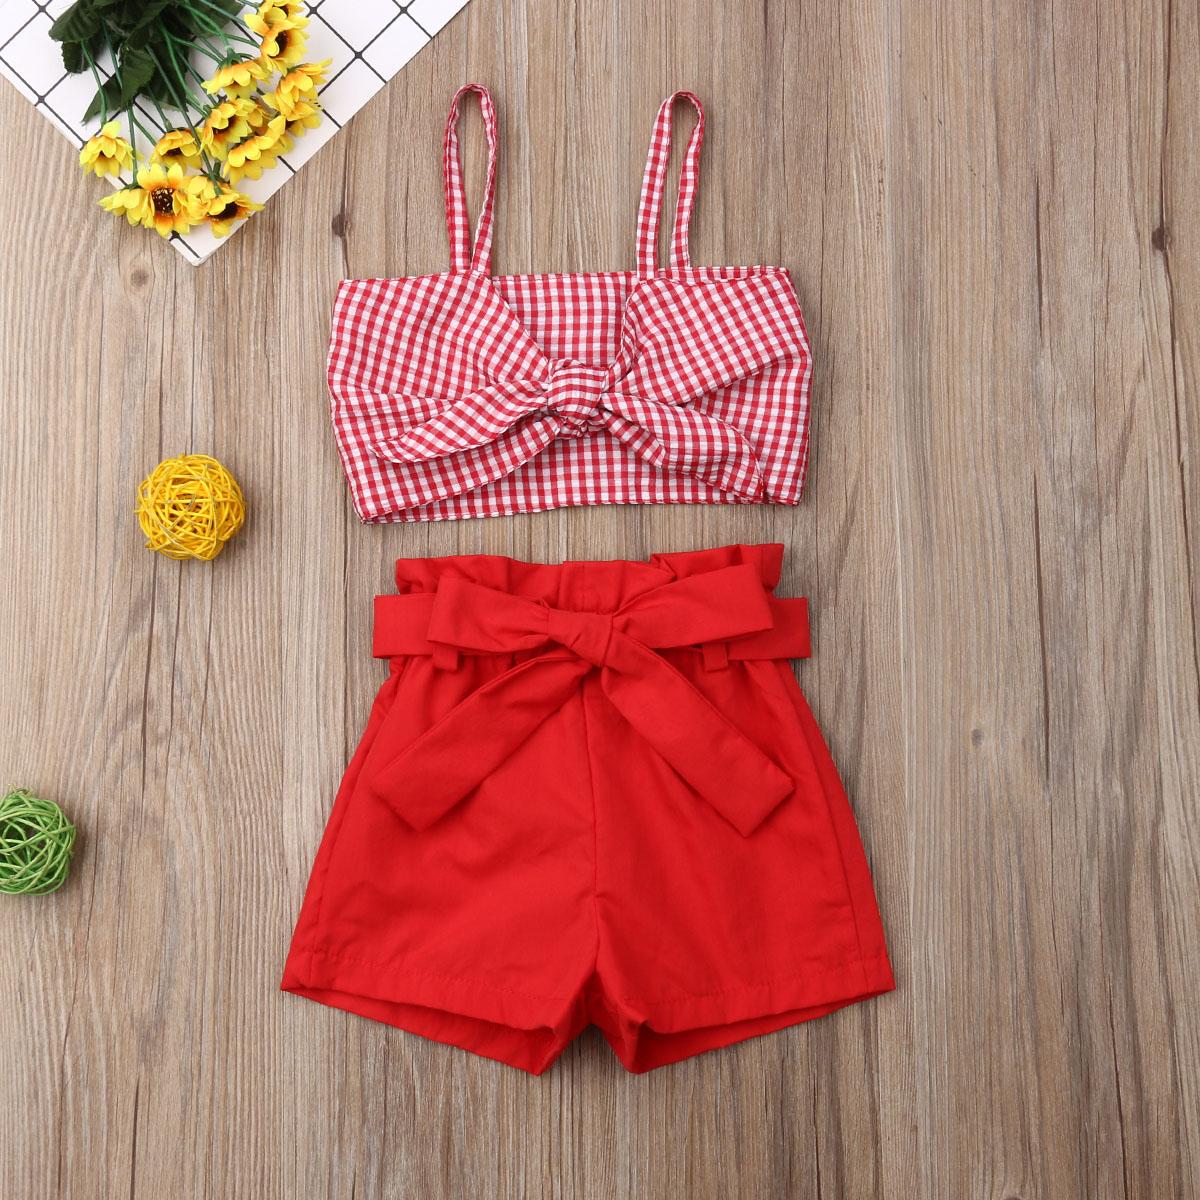 Pudcoco/Новейшая модная одежда для маленьких девочек, кроп-топ на бретельках с бантом, короткие штаны, комплекты из 2 предметов, летняя одежда